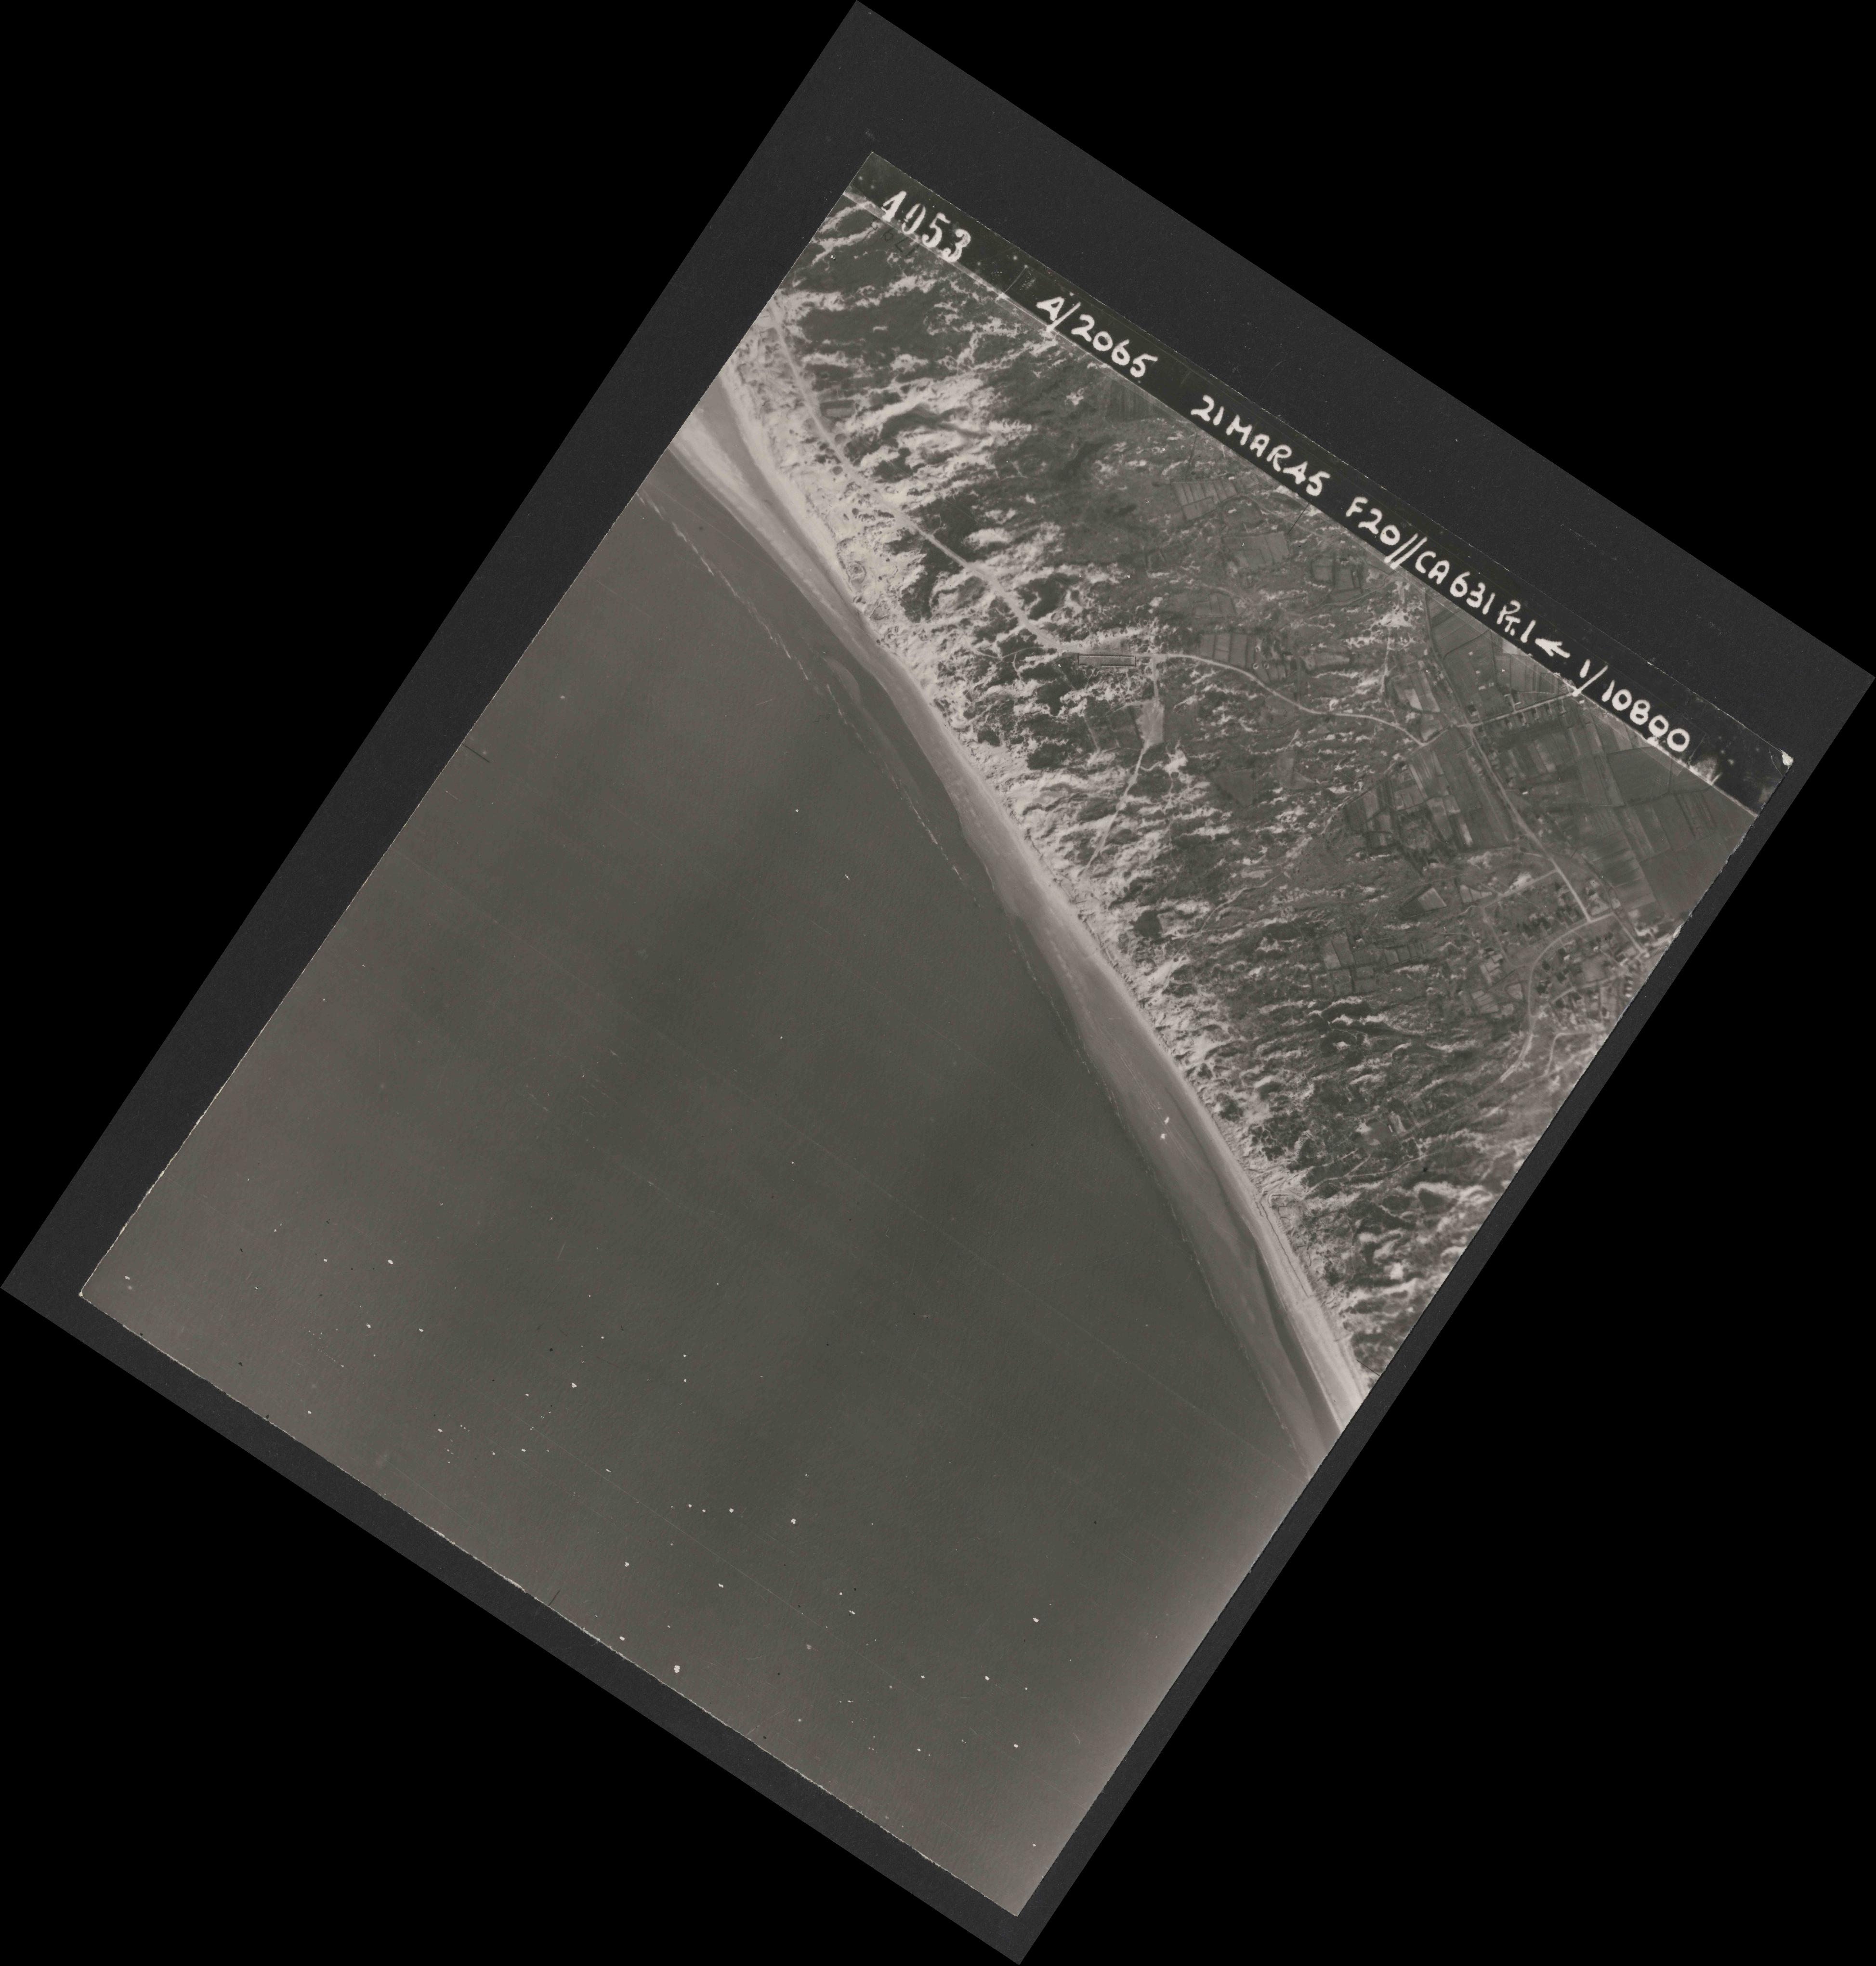 Collection RAF aerial photos 1940-1945 - flight 308, run 04, photo 4053